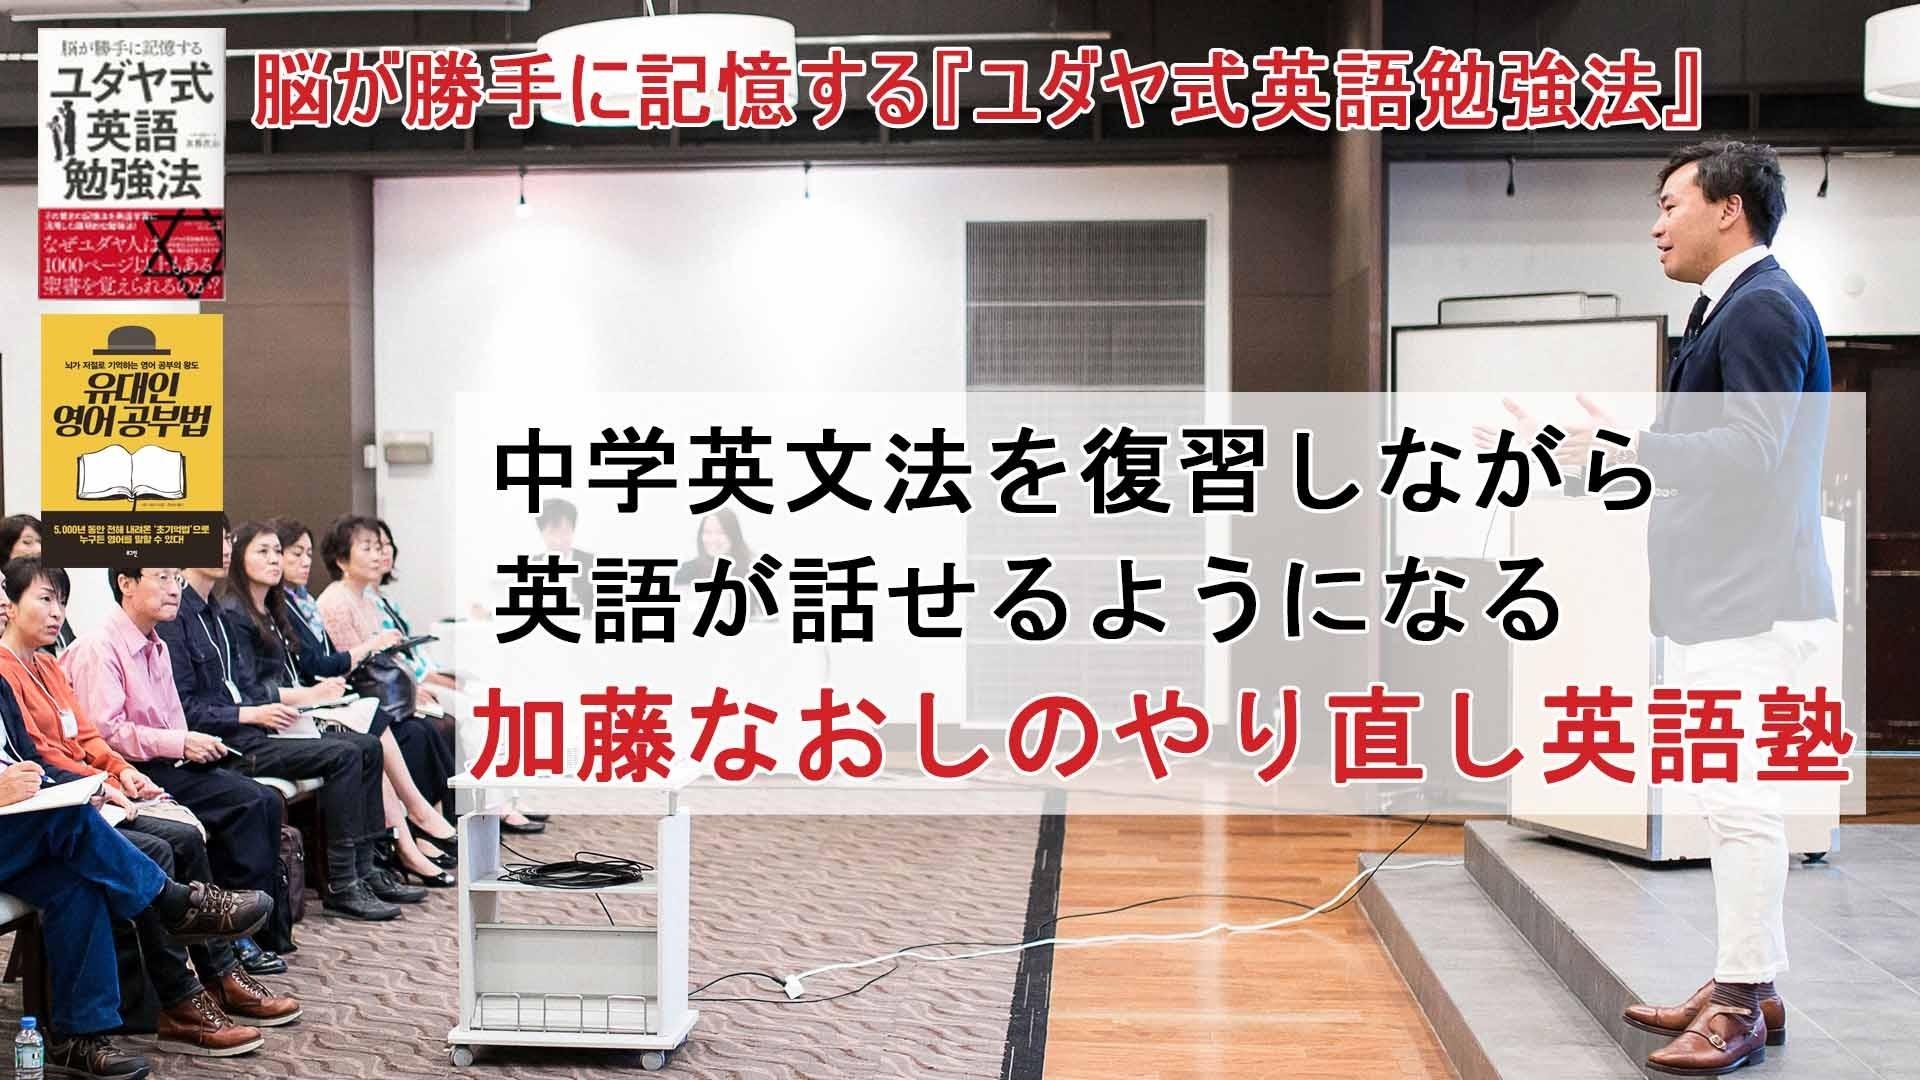 加藤なおしのやり直し英語塾